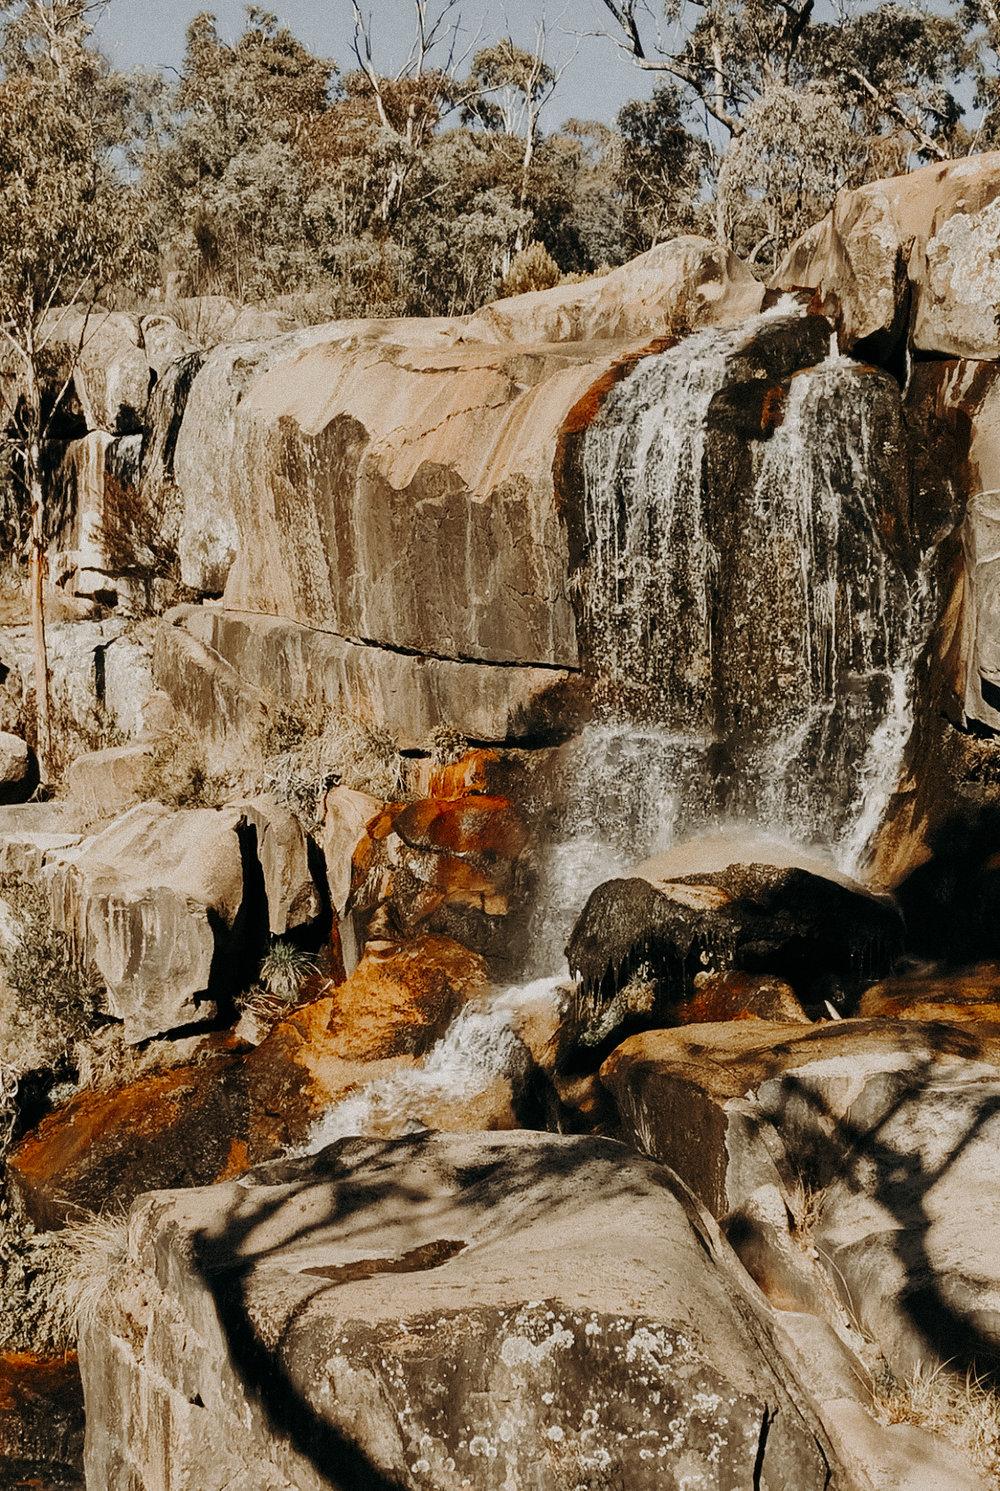 gibralter-falls-canberra-australia.jpg